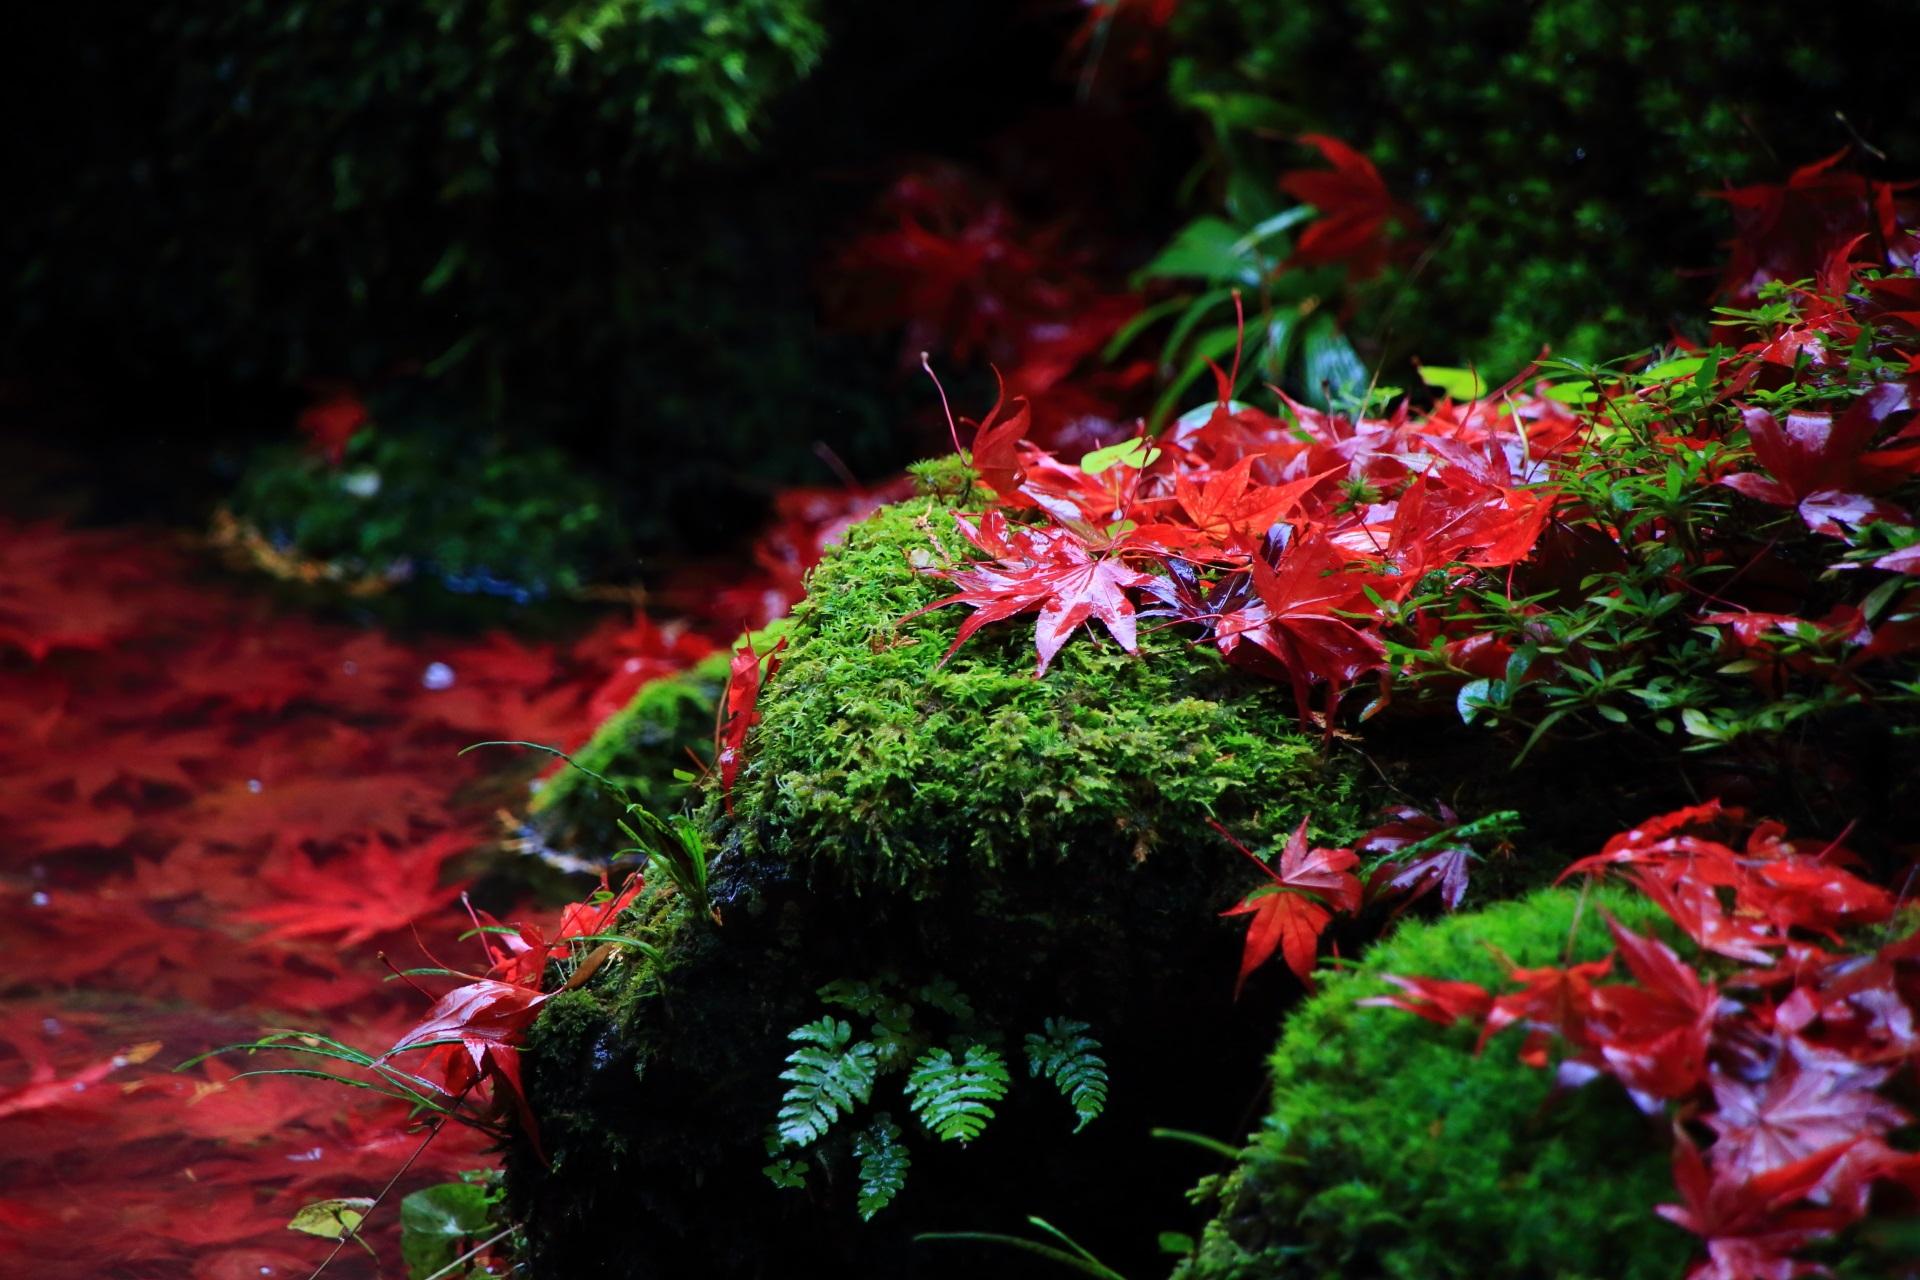 苔と水辺を染める絵になりすぎる素晴らしい散り紅葉